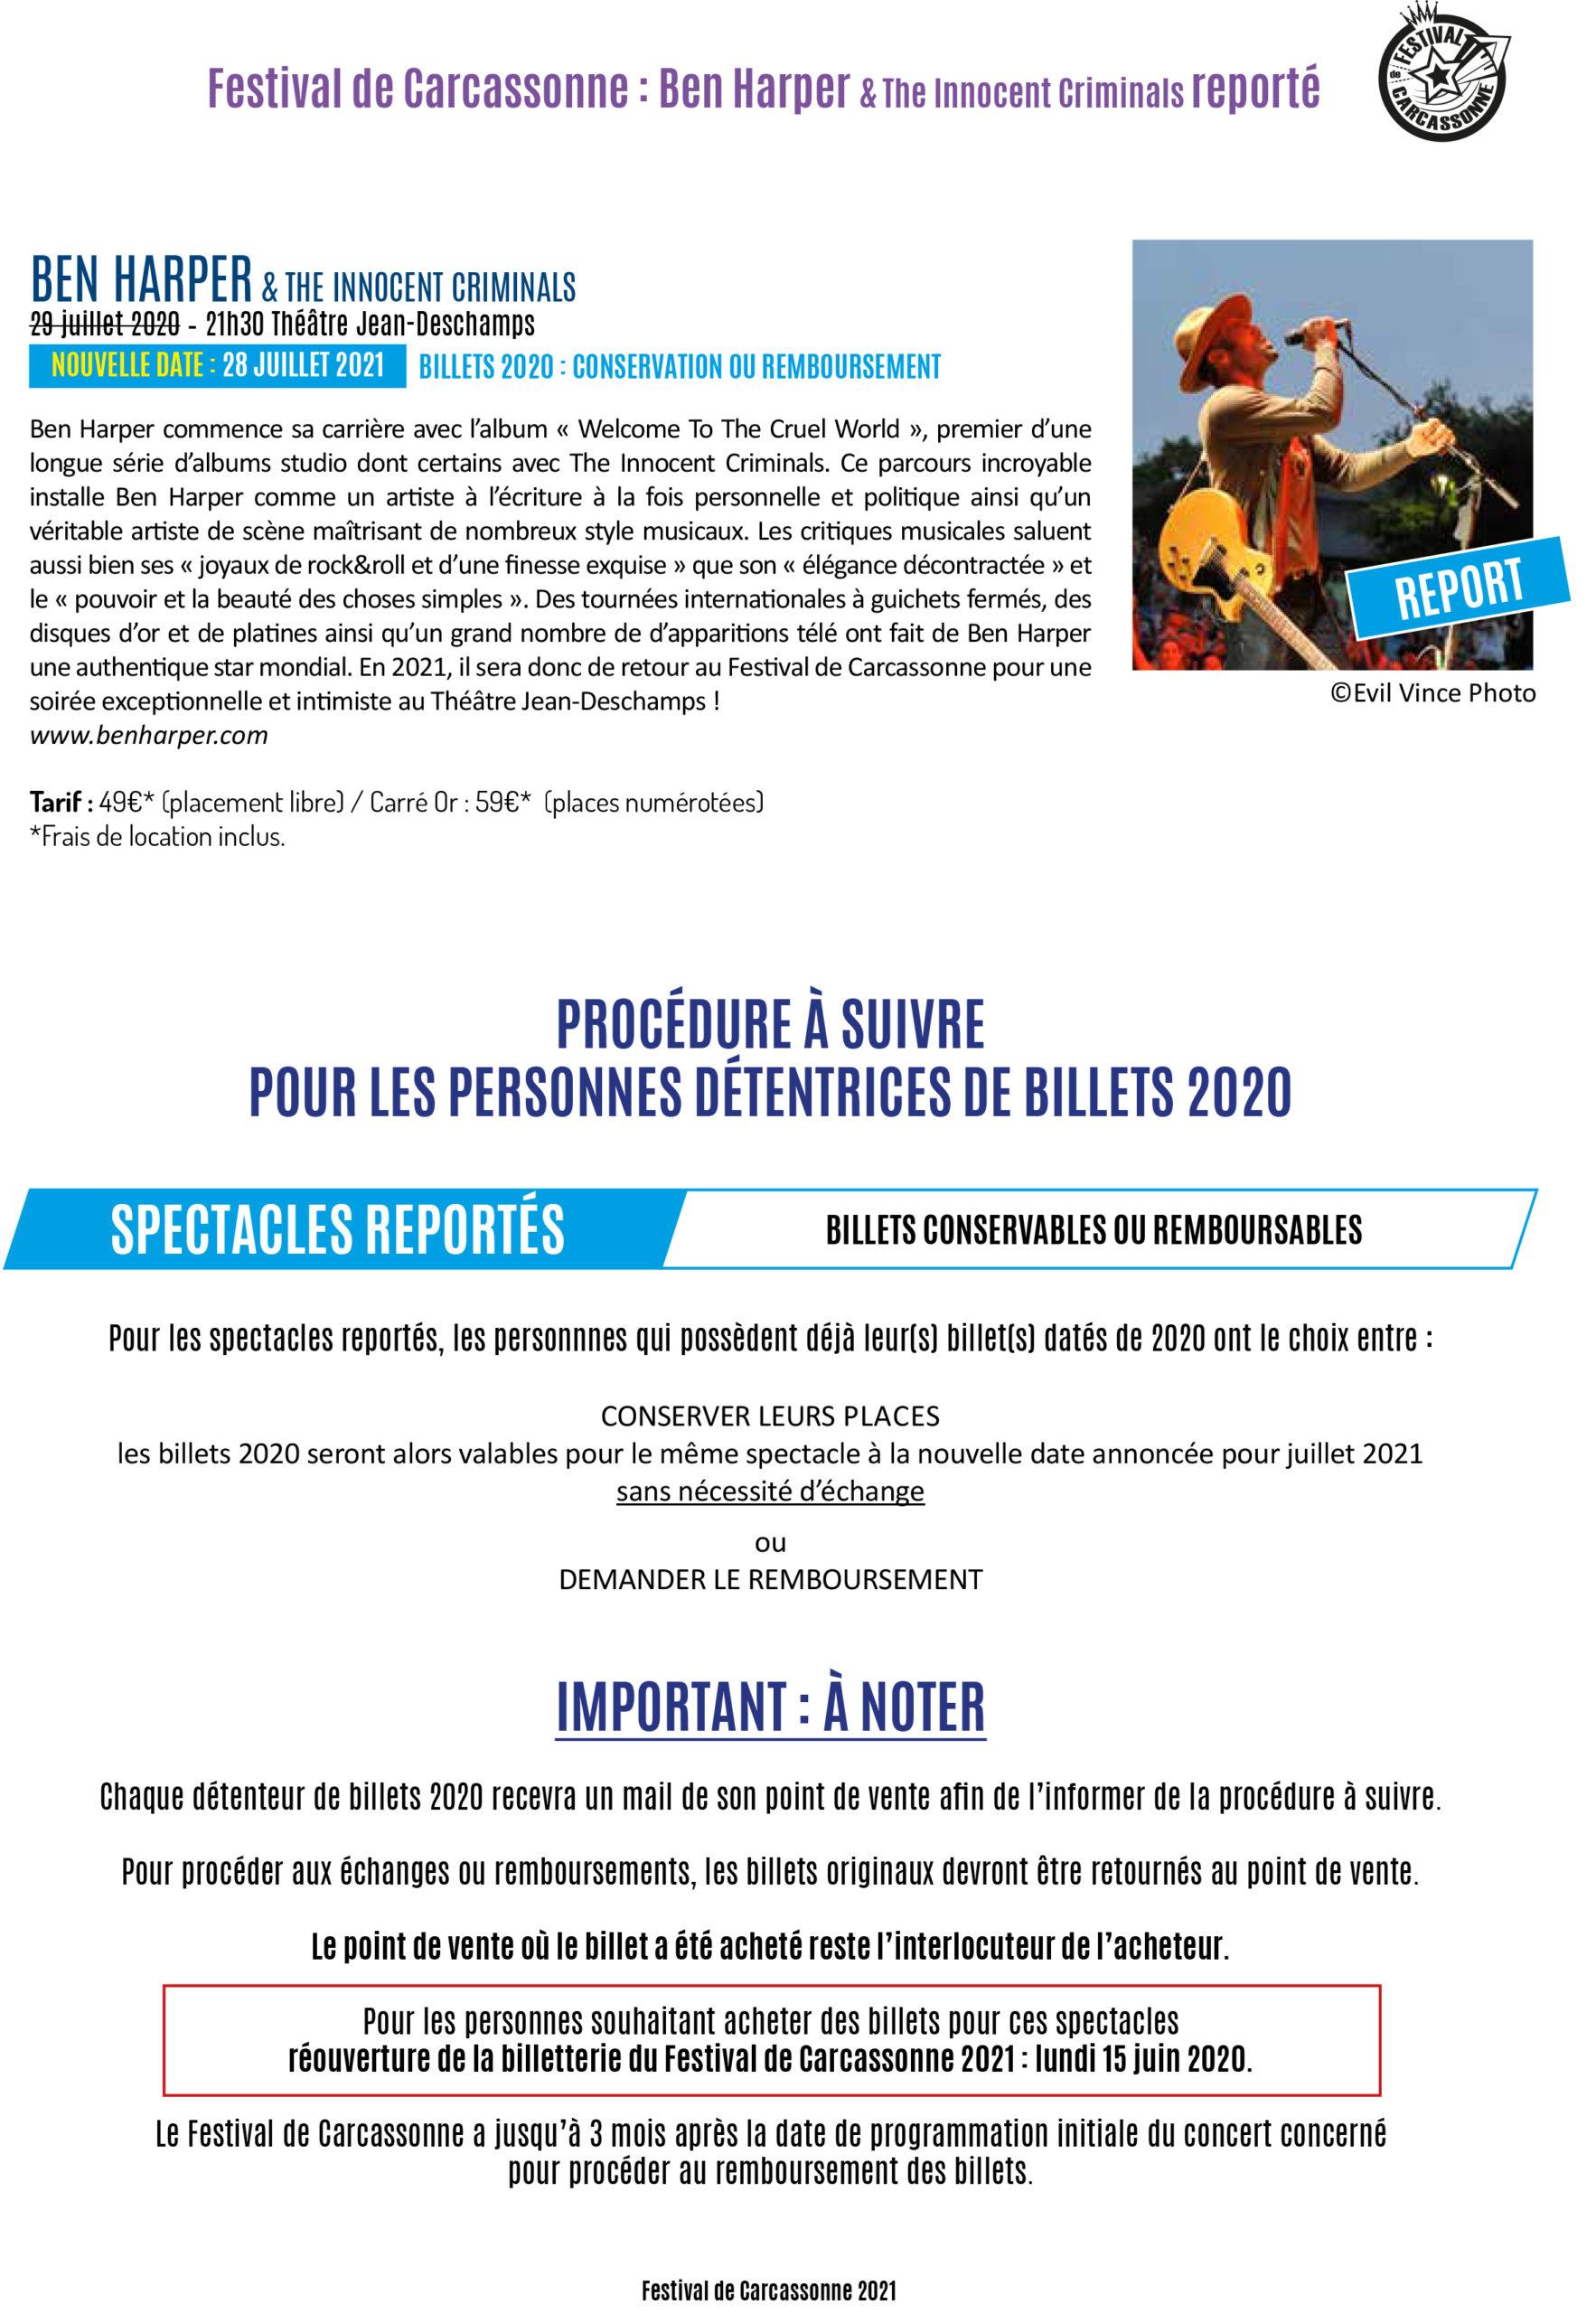 CP : Ben Harper & The Innocent Criminals reporté au Festival de Carcassonne 2021